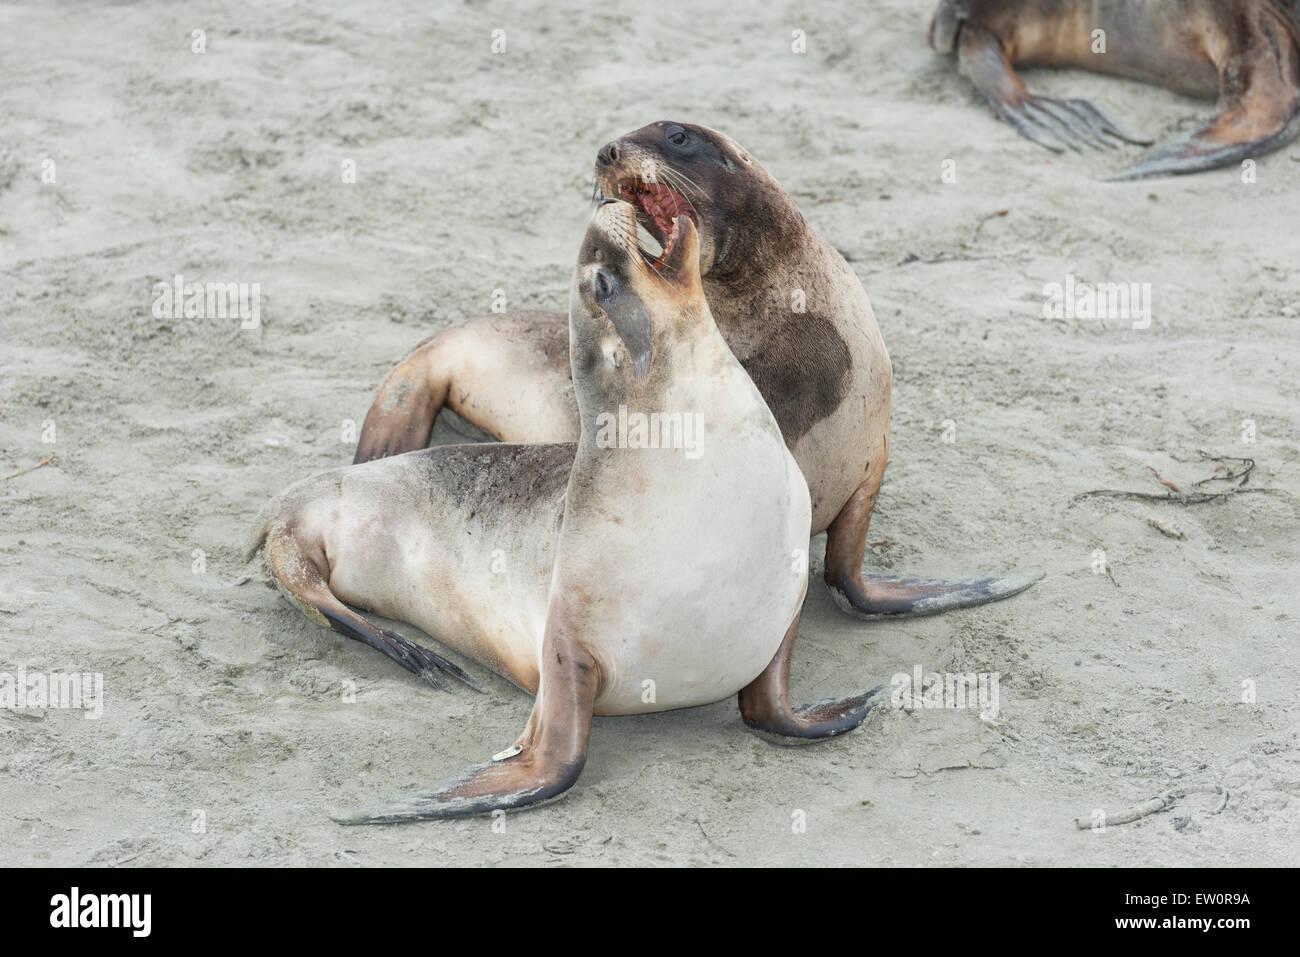 Les Lions de mer (Phocarctos hookeri), Dunedin, Otago, île du Sud, Nouvelle-Zélande, Banque D'Images